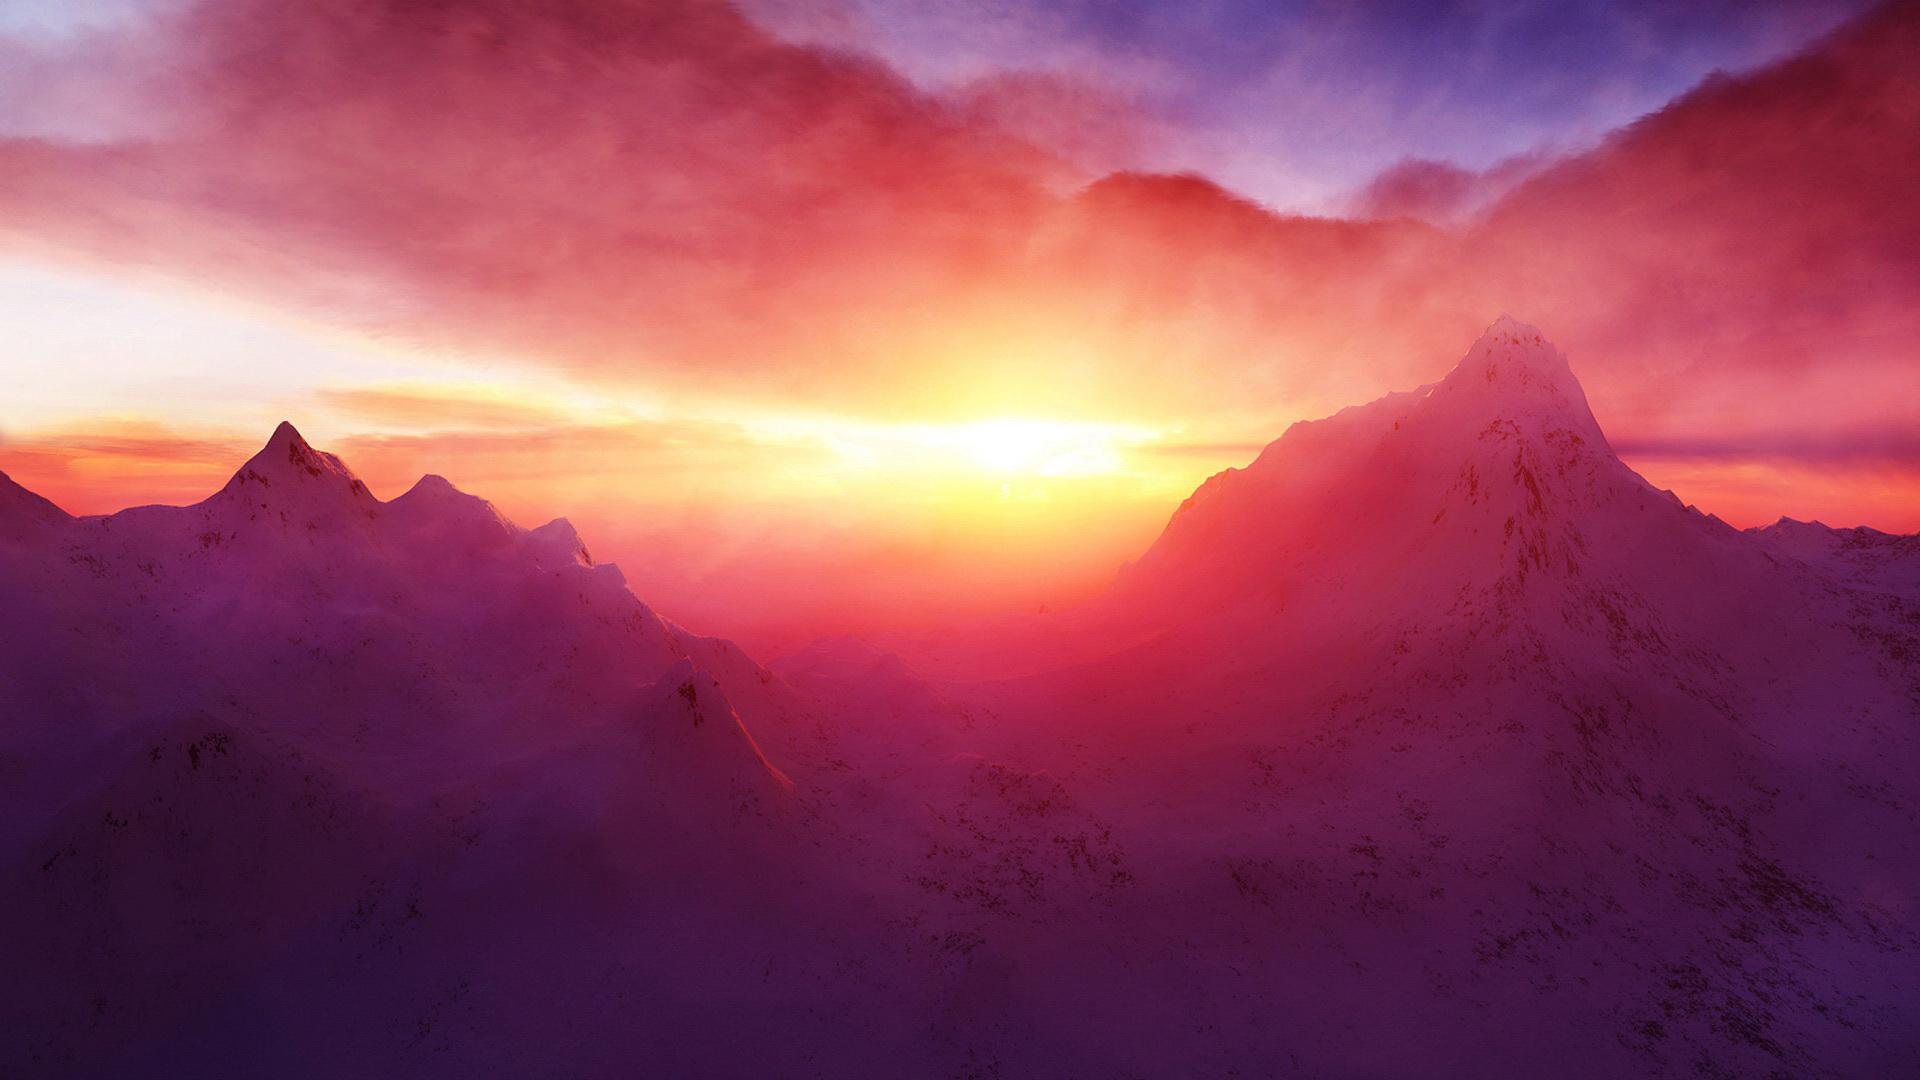 sunset photos 25606